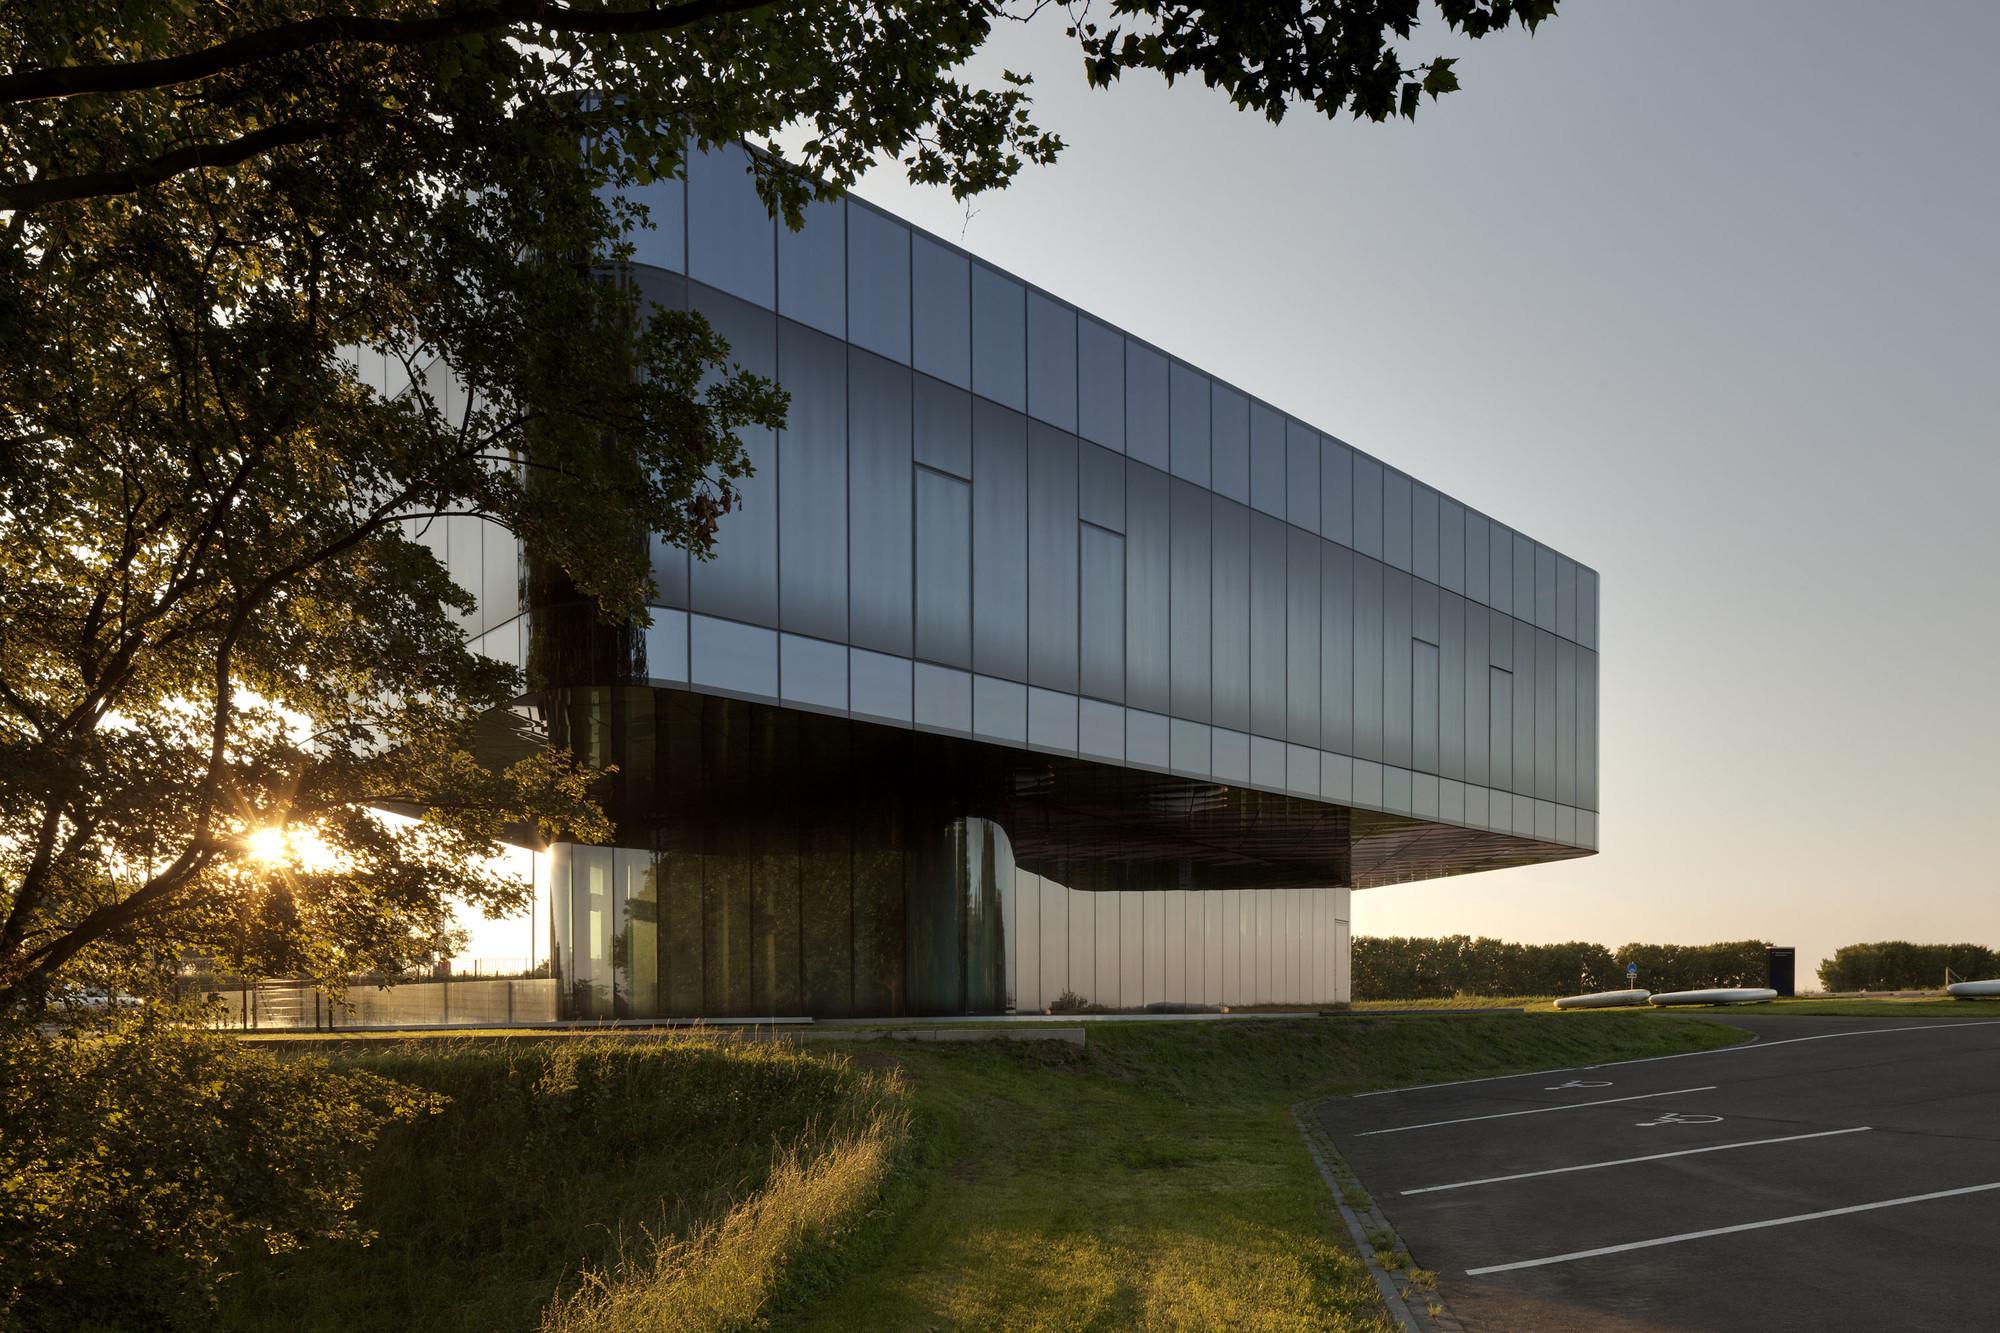 Sede Regiocentrale Zuid / Wiel Arets Architects, © Jan Bitter